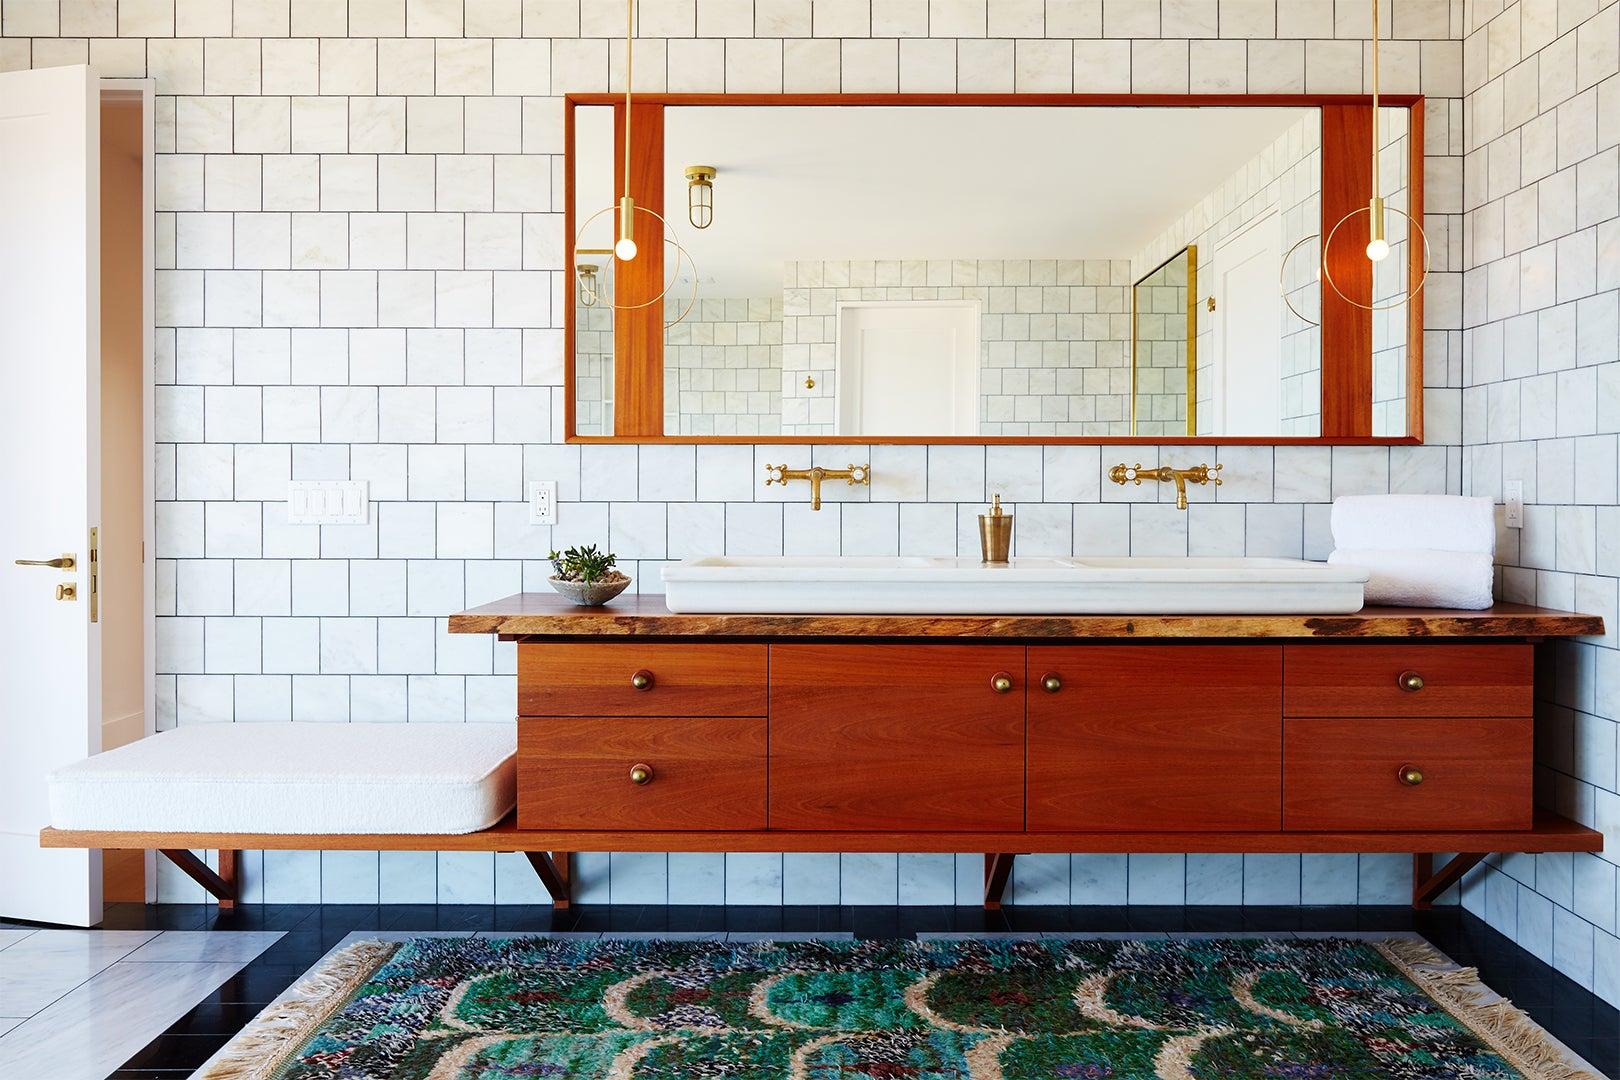 Studio-McKinley-bathroom-vanity-domino